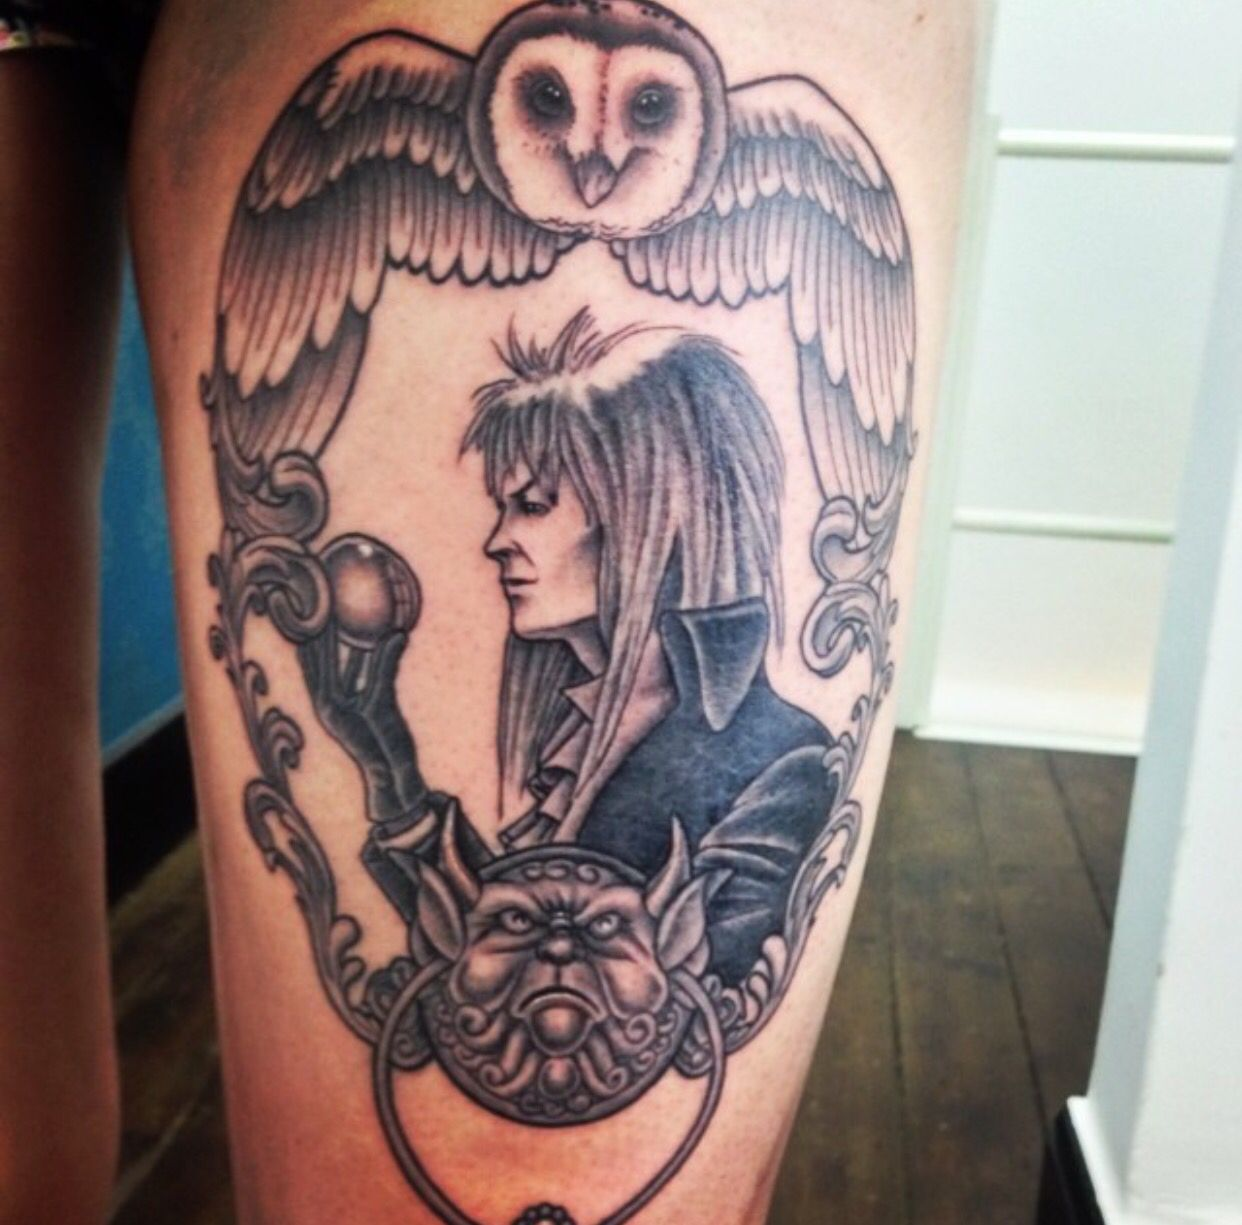 Labyrinth tattoo   tattoos   Pinterest   Tattoo, Tatting ... Labyrinth Movie Tattoo